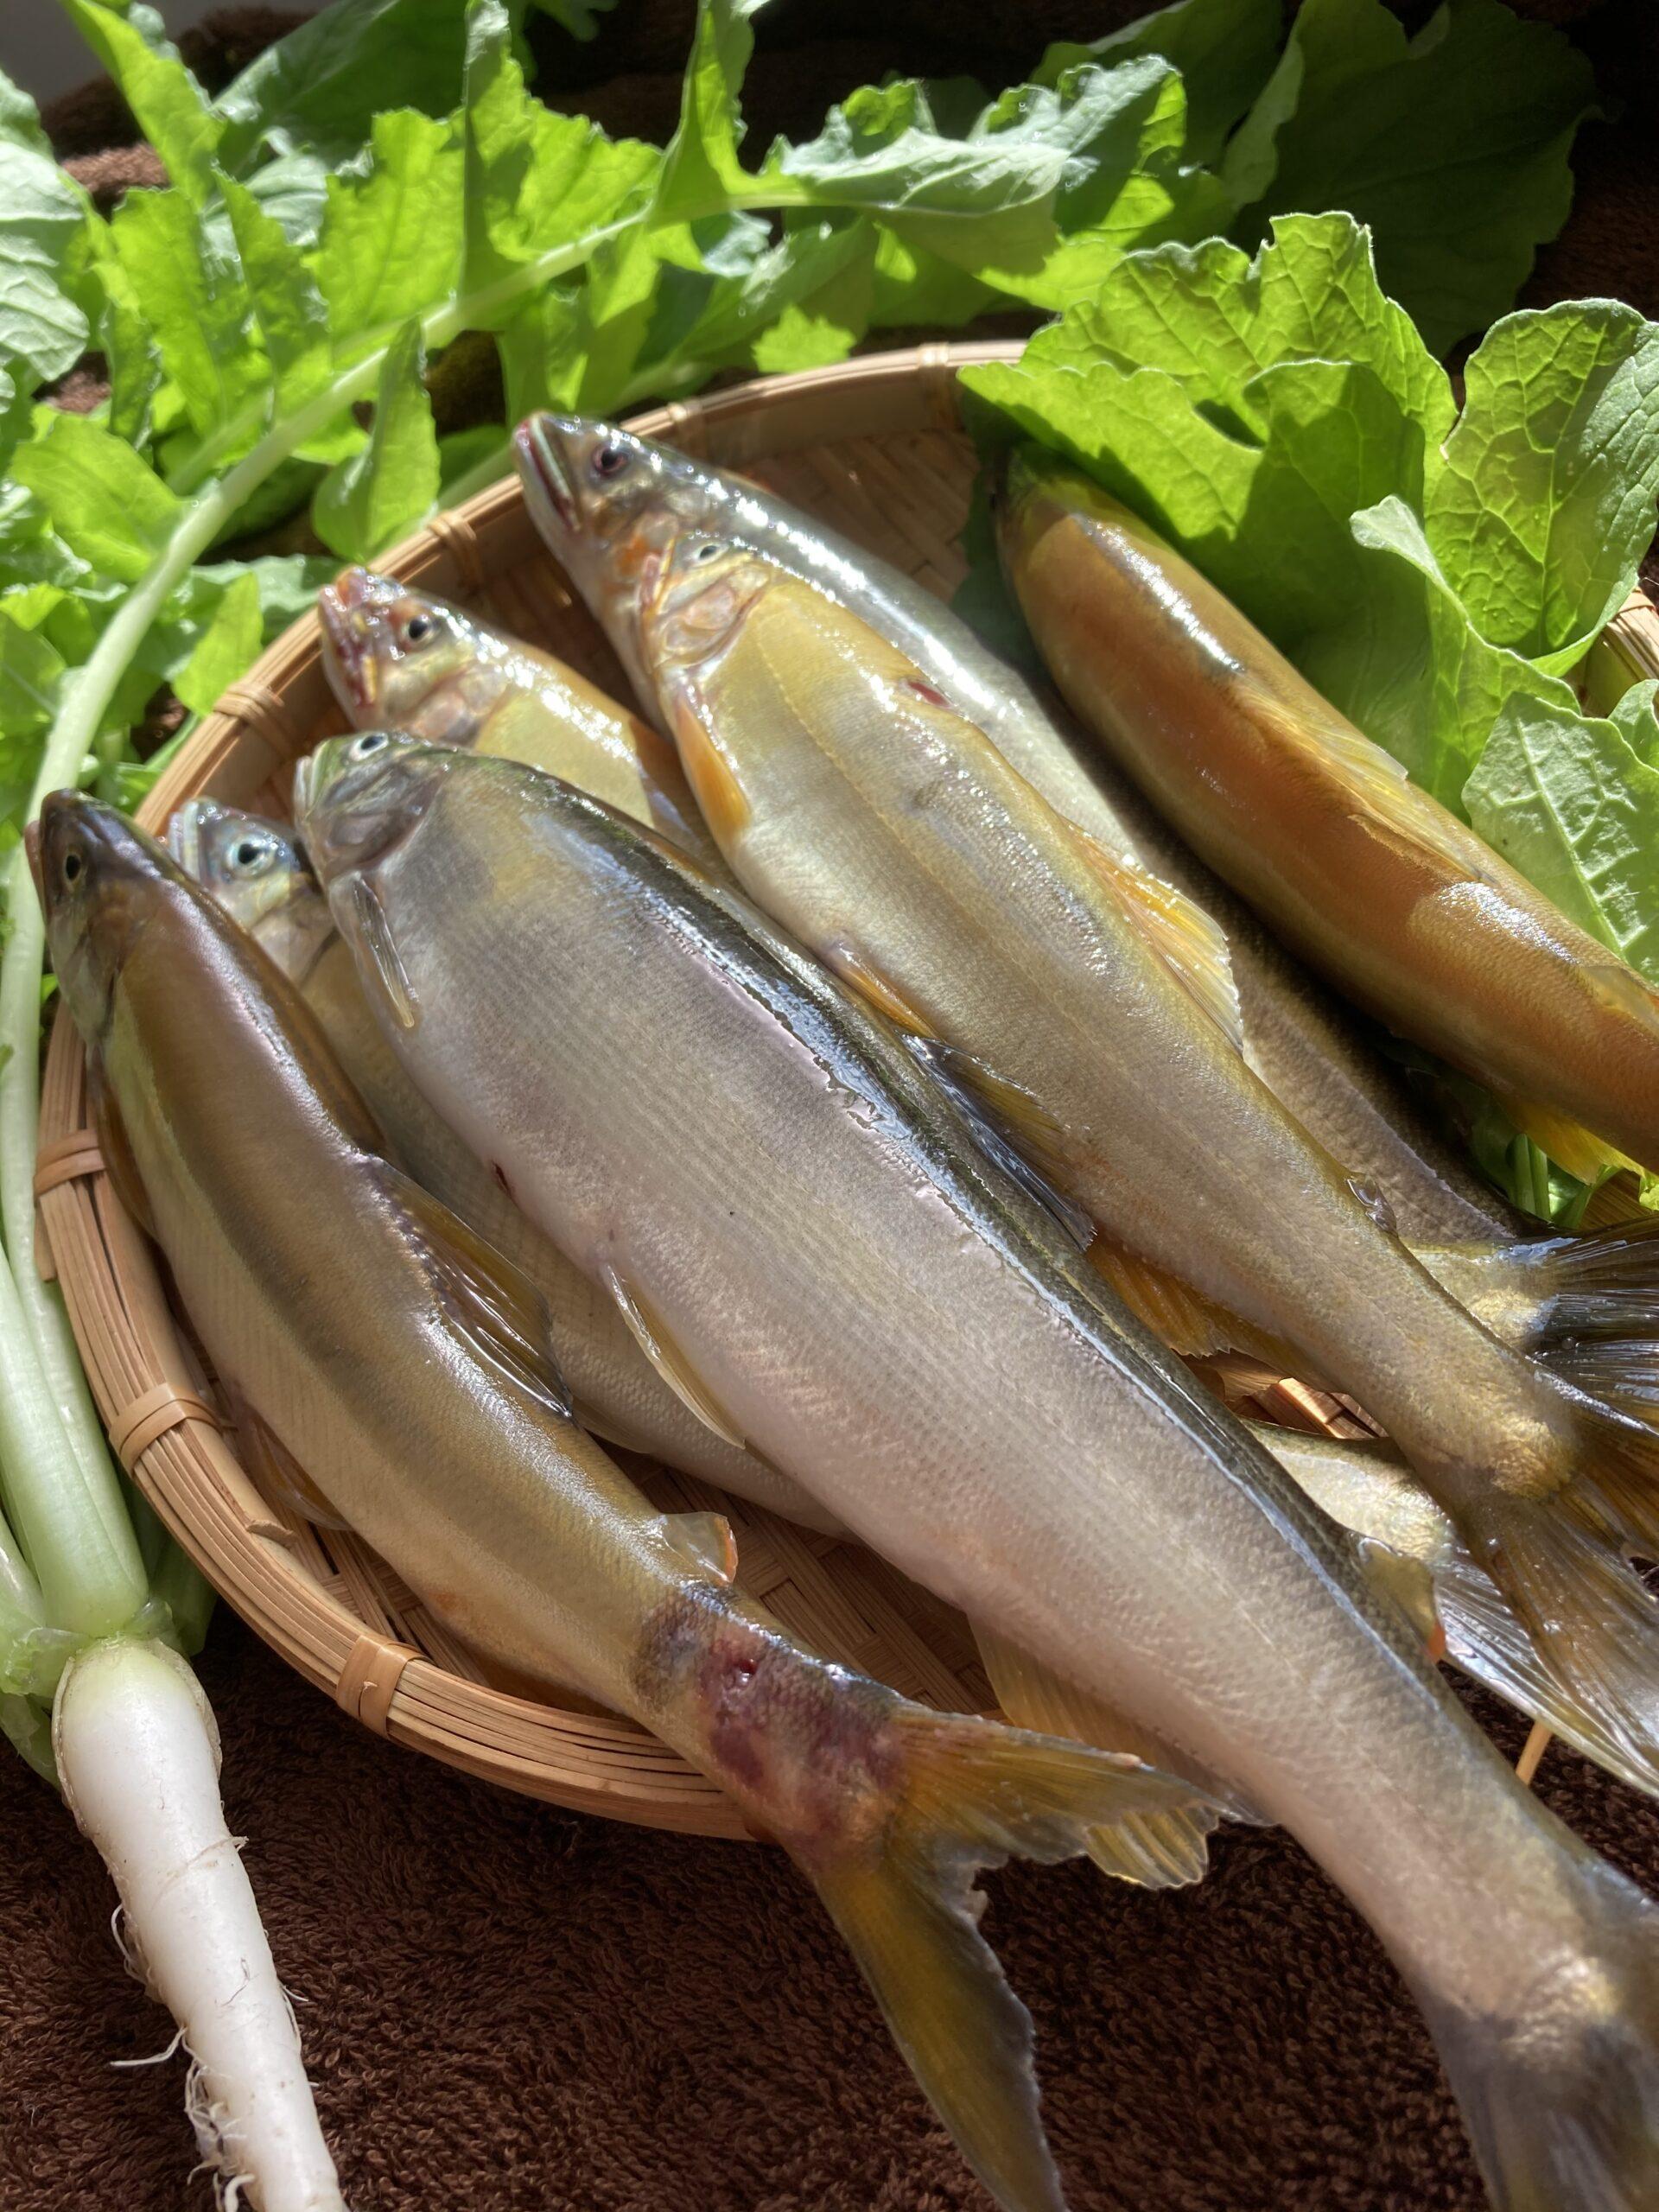 鮎を戴きました | クリスタルビューティー 広島 天然100%ヘナ 美と健康のエステ